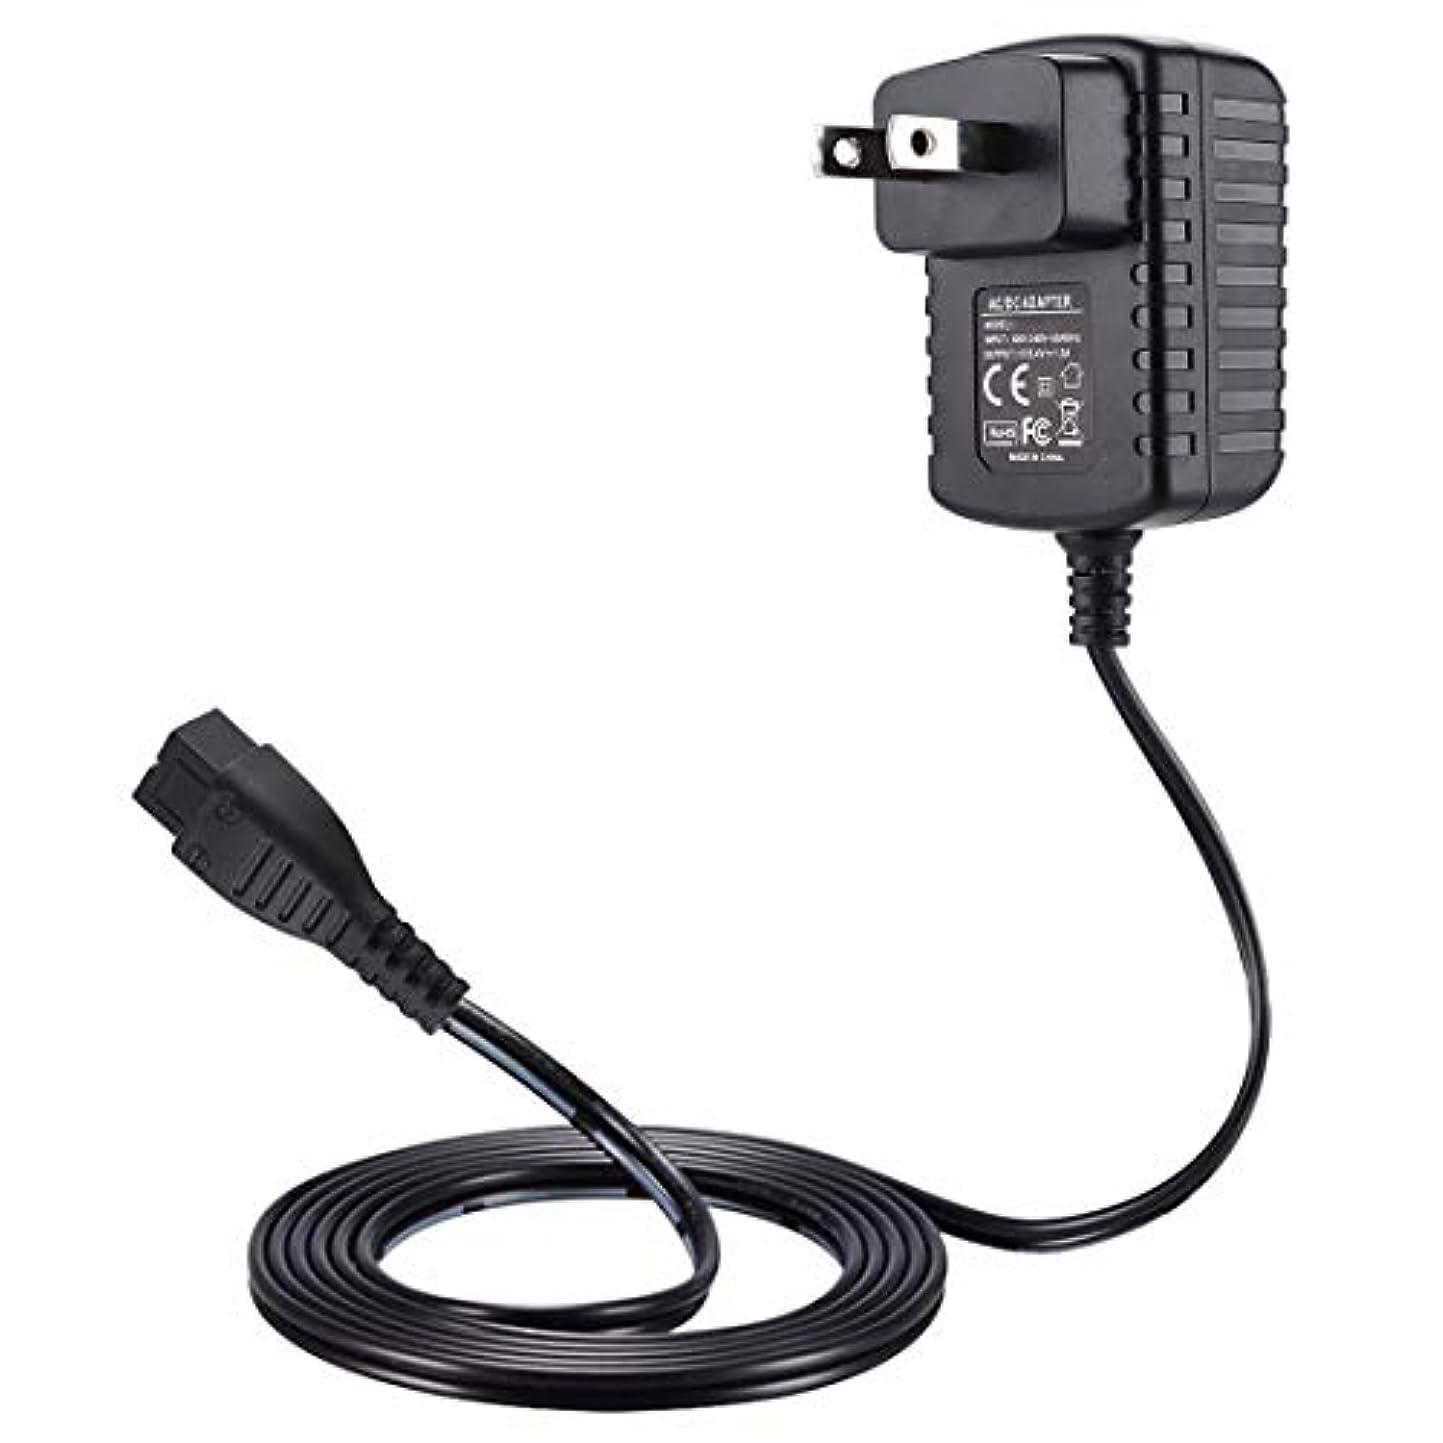 広告する安西計算可能Punasi パナソニック シェーバー対応 5.4V 1.2A Panasonic対応 ACアダプター DCアダプター 5.4V電源アダプター交換用充電器 ES7000 ES8000 シリーズ ES8232 ES8237...